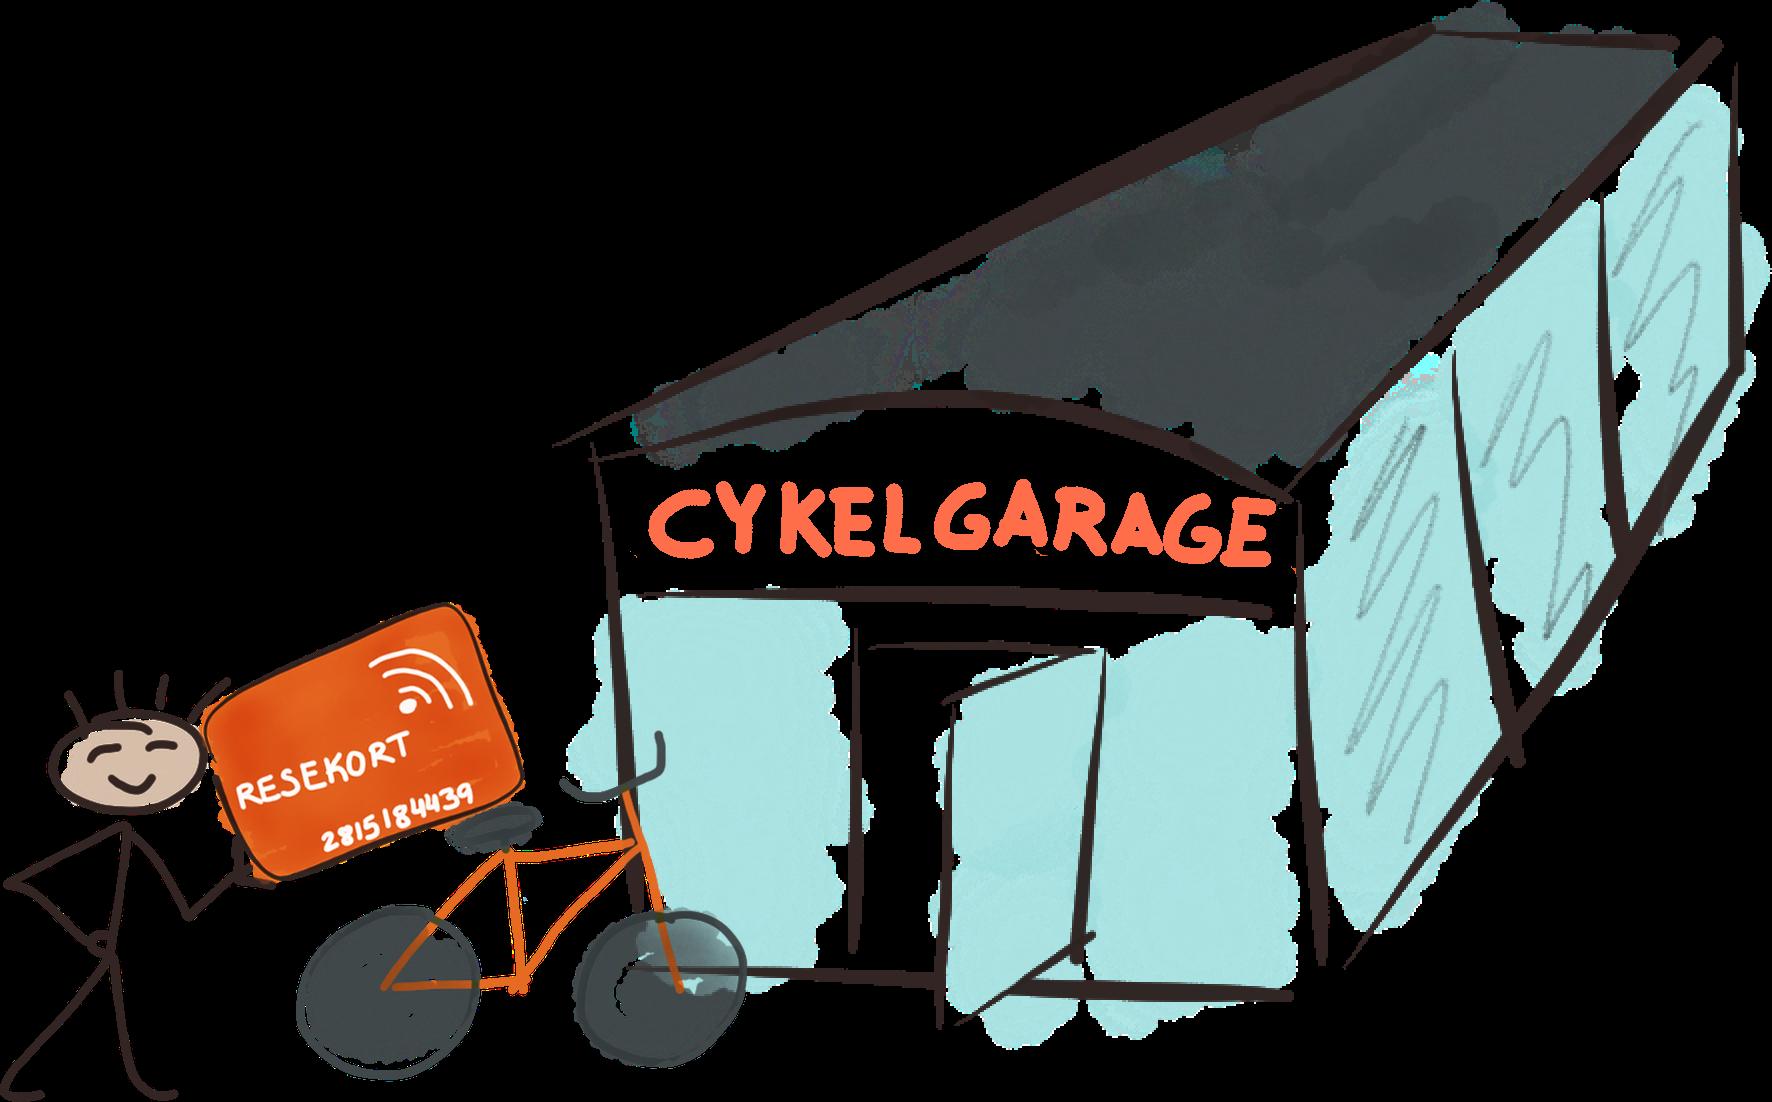 Låst cykelgarage kopplat till kollektivtrafiken